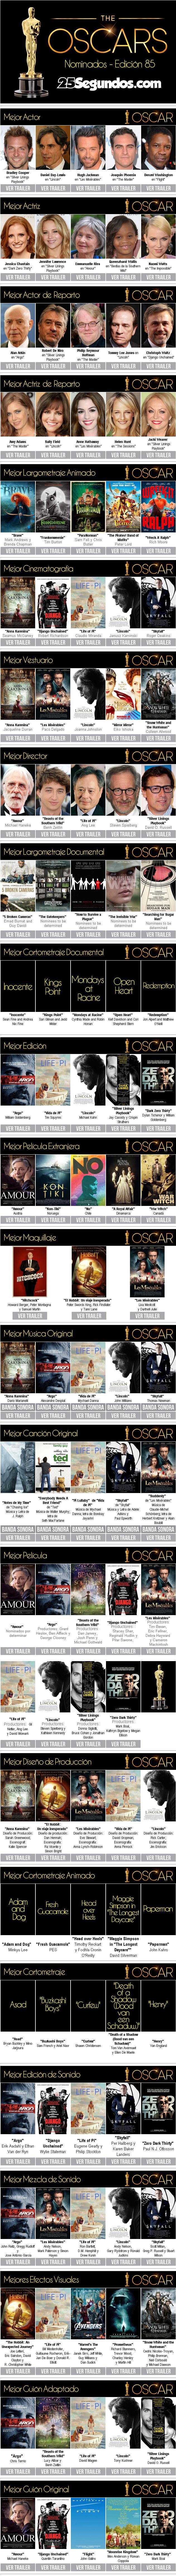 Nominados a los Oscars 2013